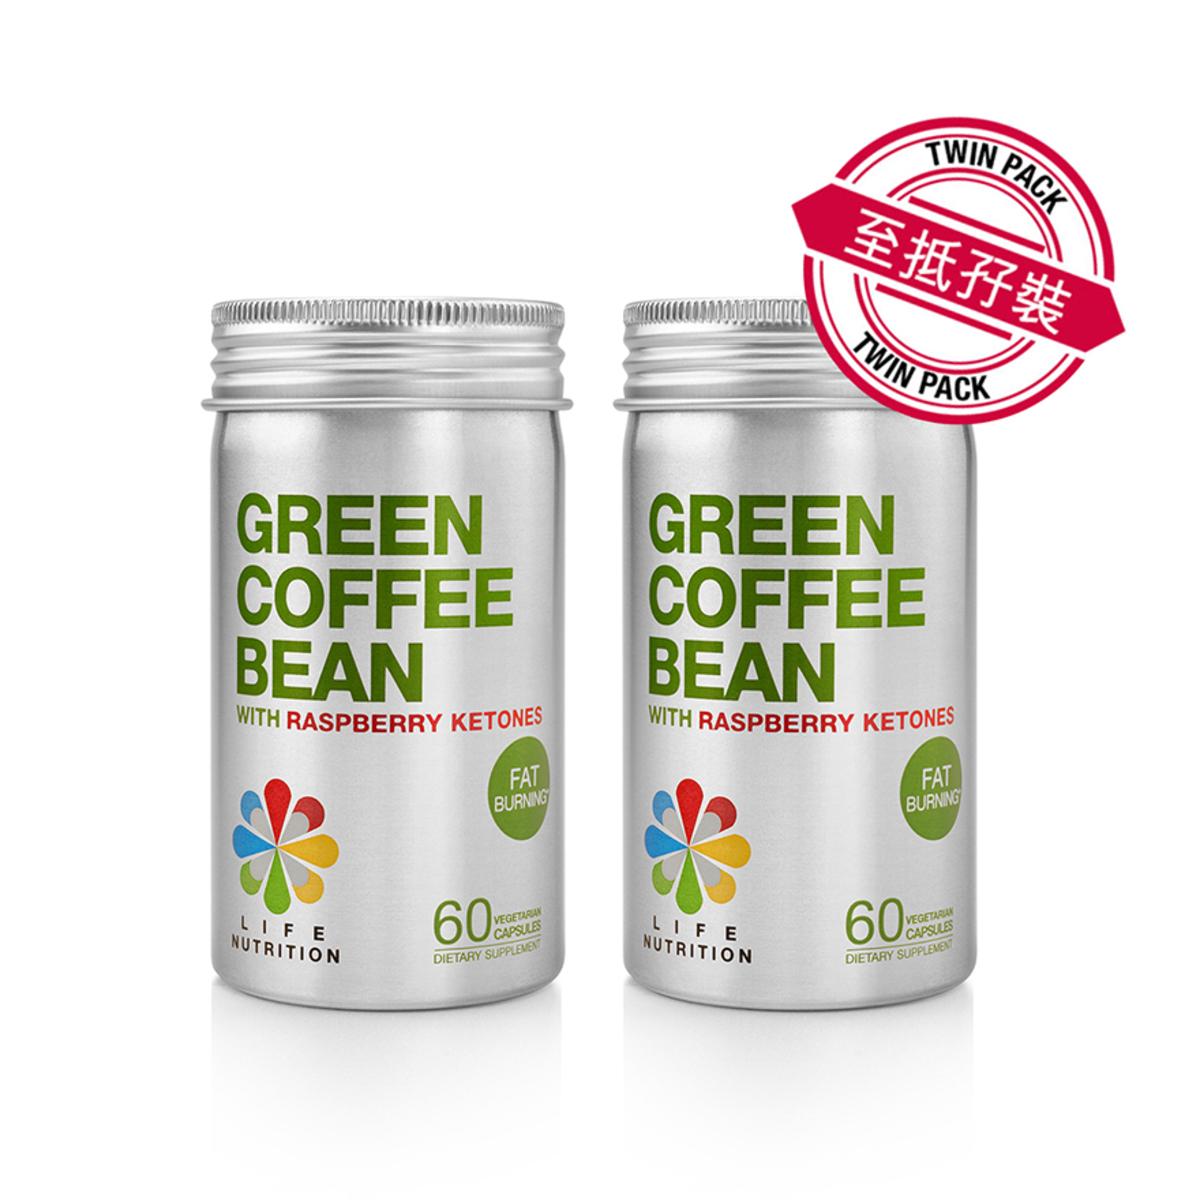 青咖啡豆纖型配方 GCB (60粒) - 孖裝